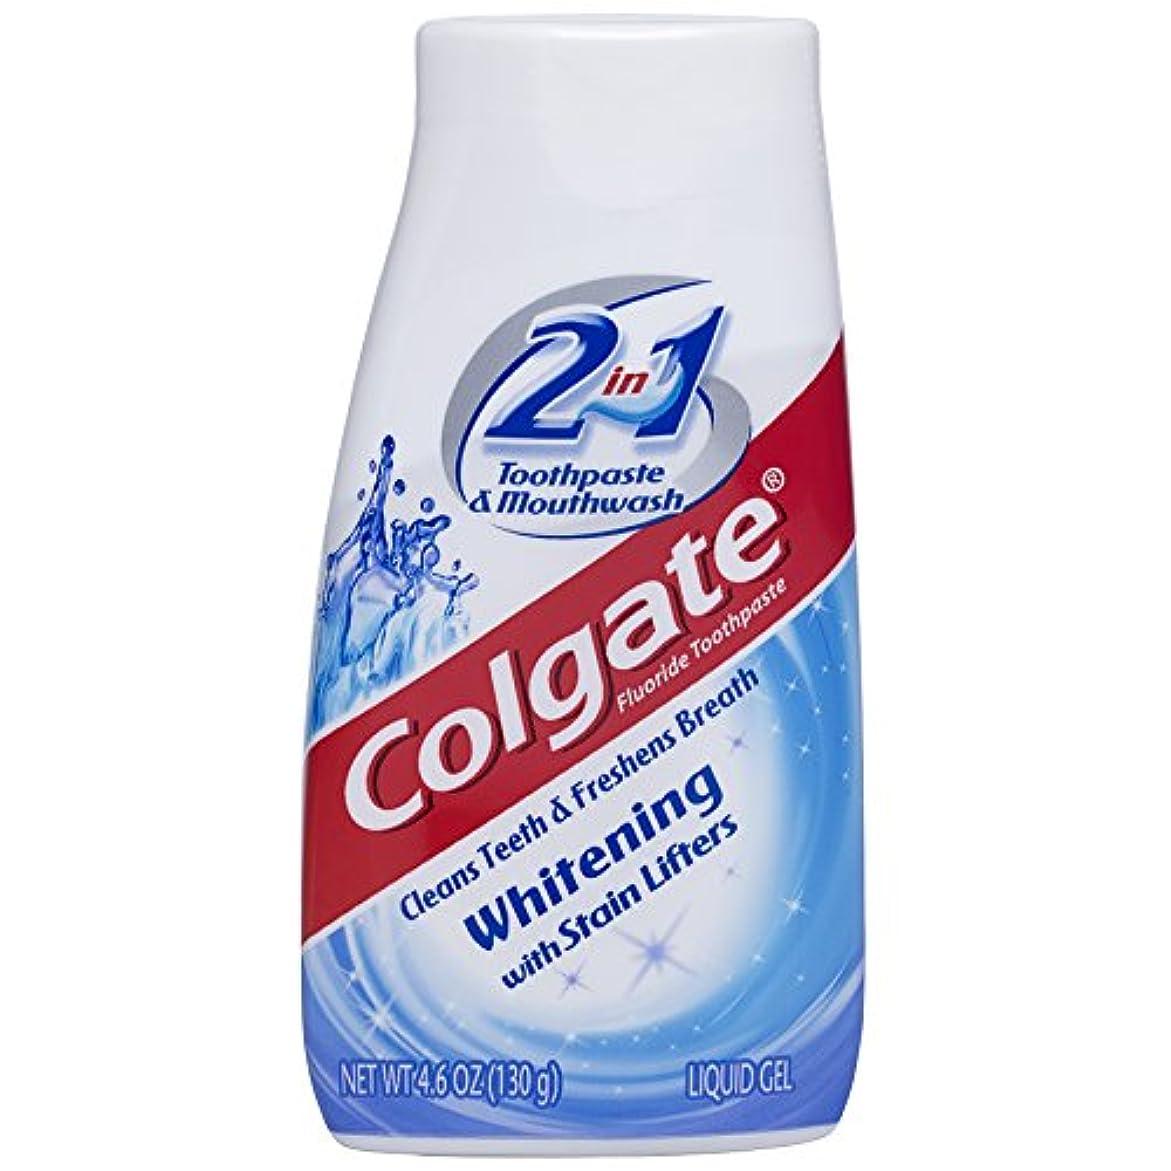 失望させる流無関心海外直送品Colgate 2 In 1 Toothpaste & Mouthwash Whitening, 4.6 oz by Colgate